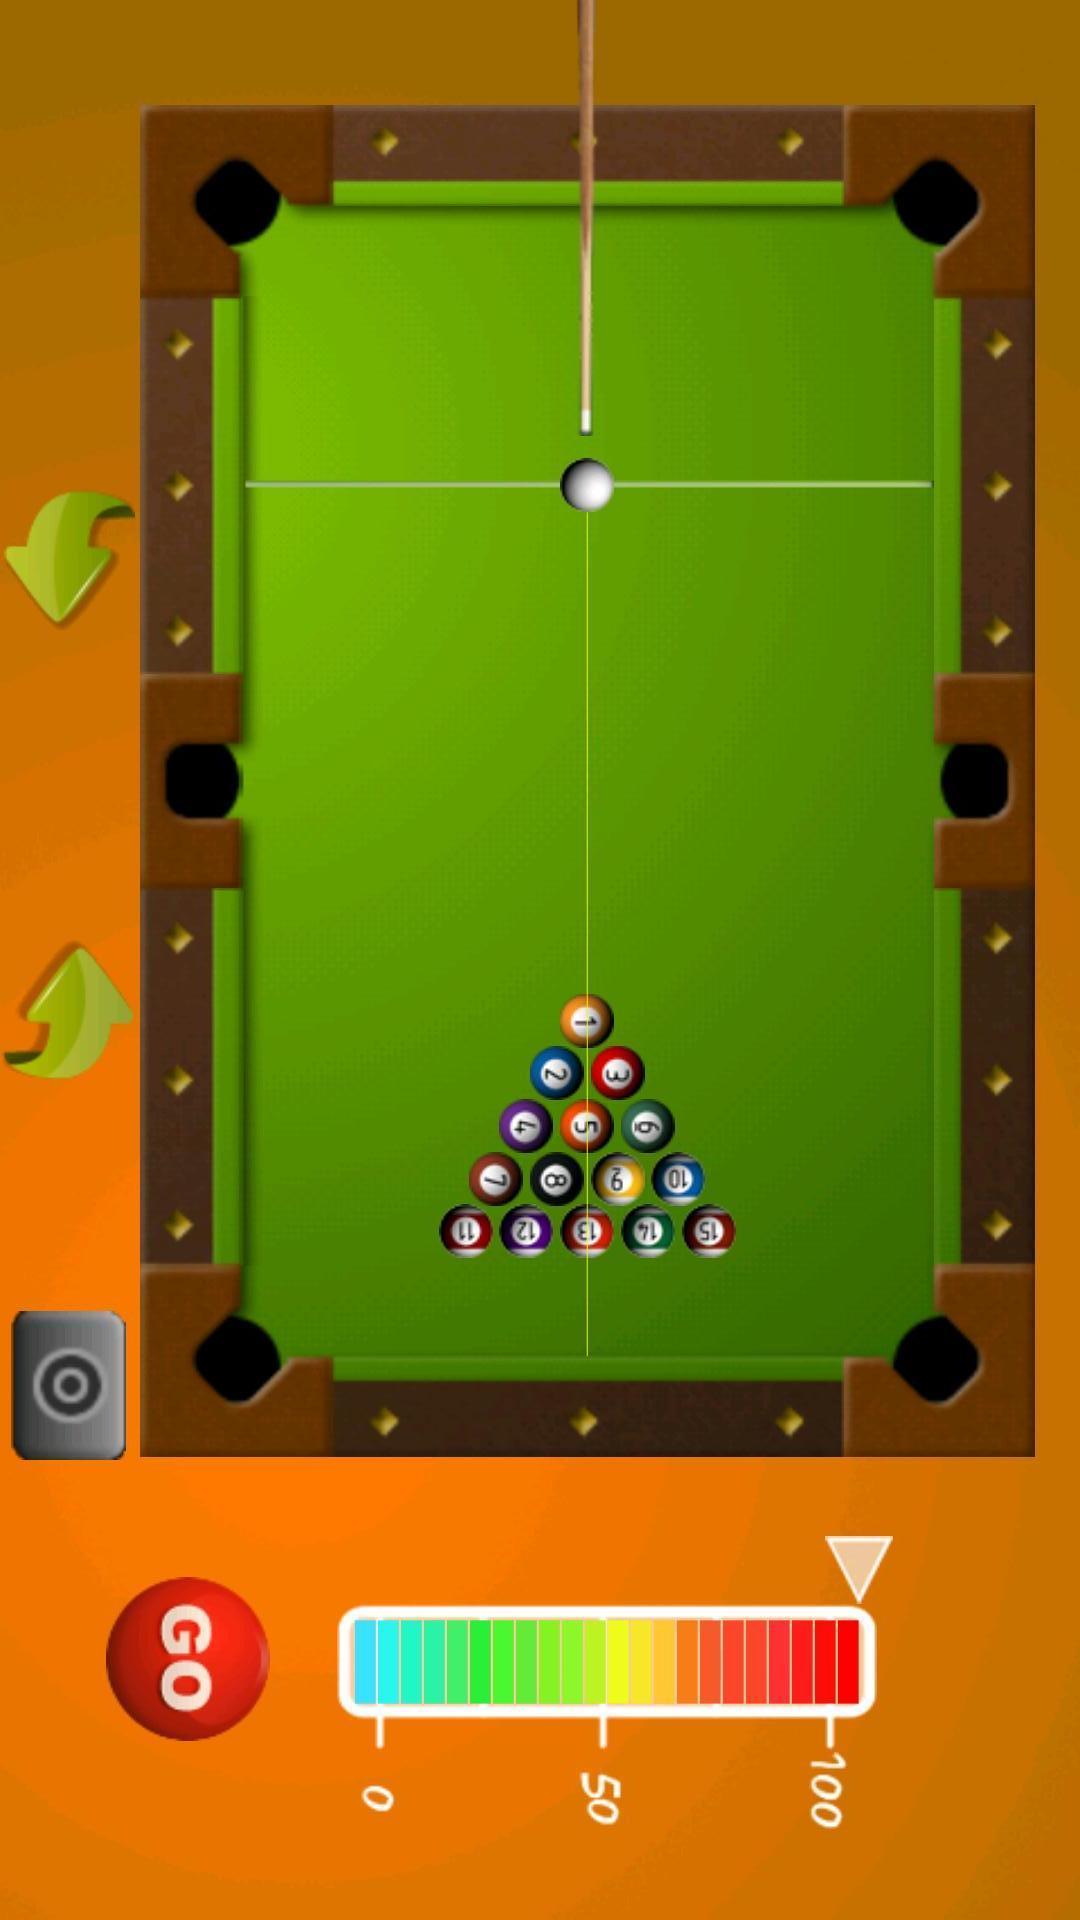 玩免費體育競技APP|下載桌球斯诺克 app不用錢|硬是要APP